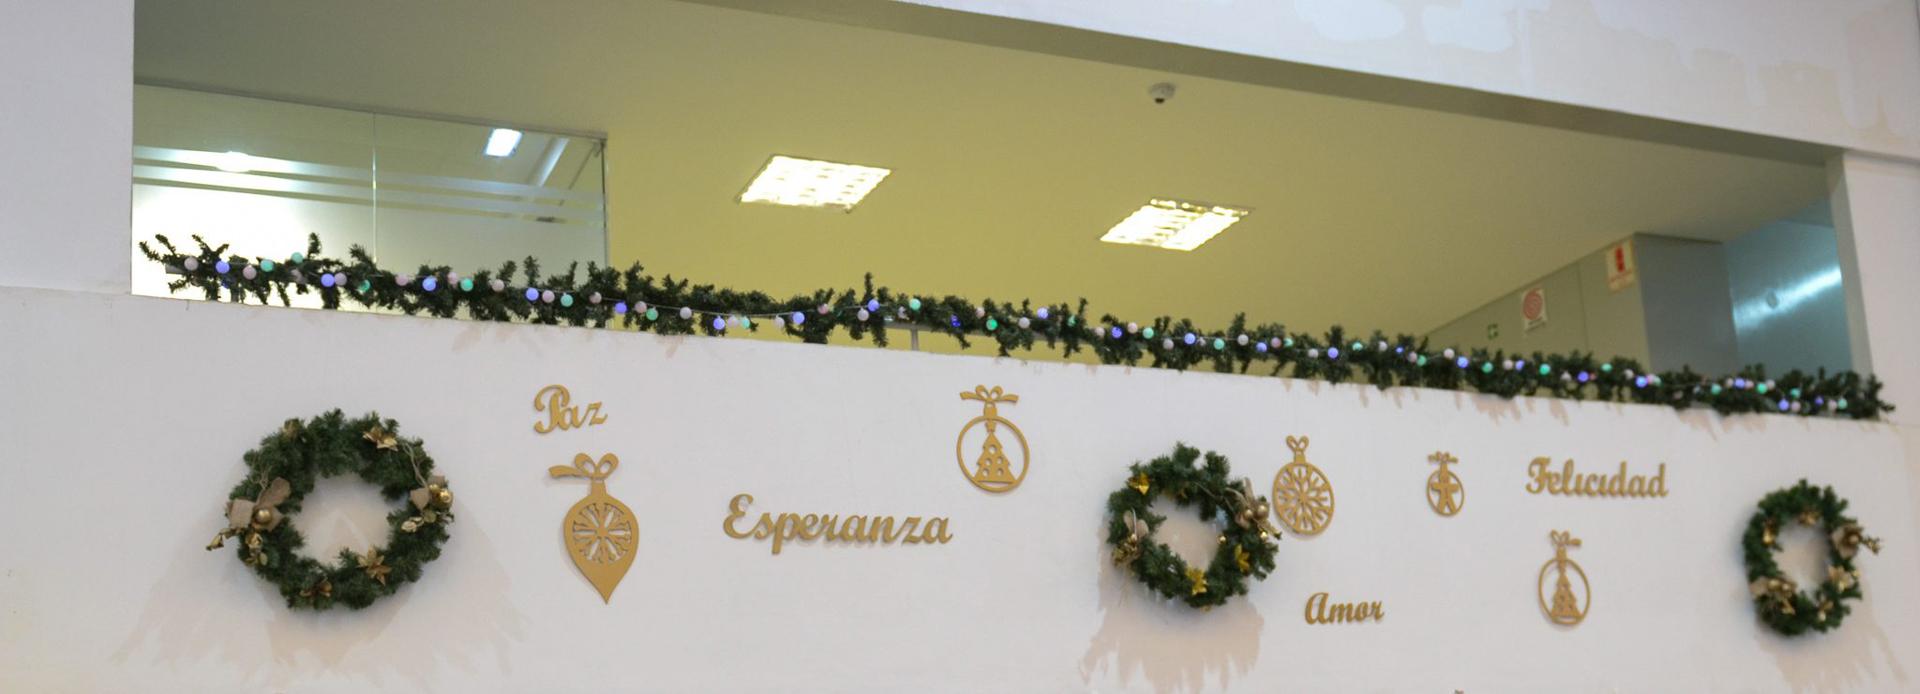 Las paredes de las estaciones también están decoradas